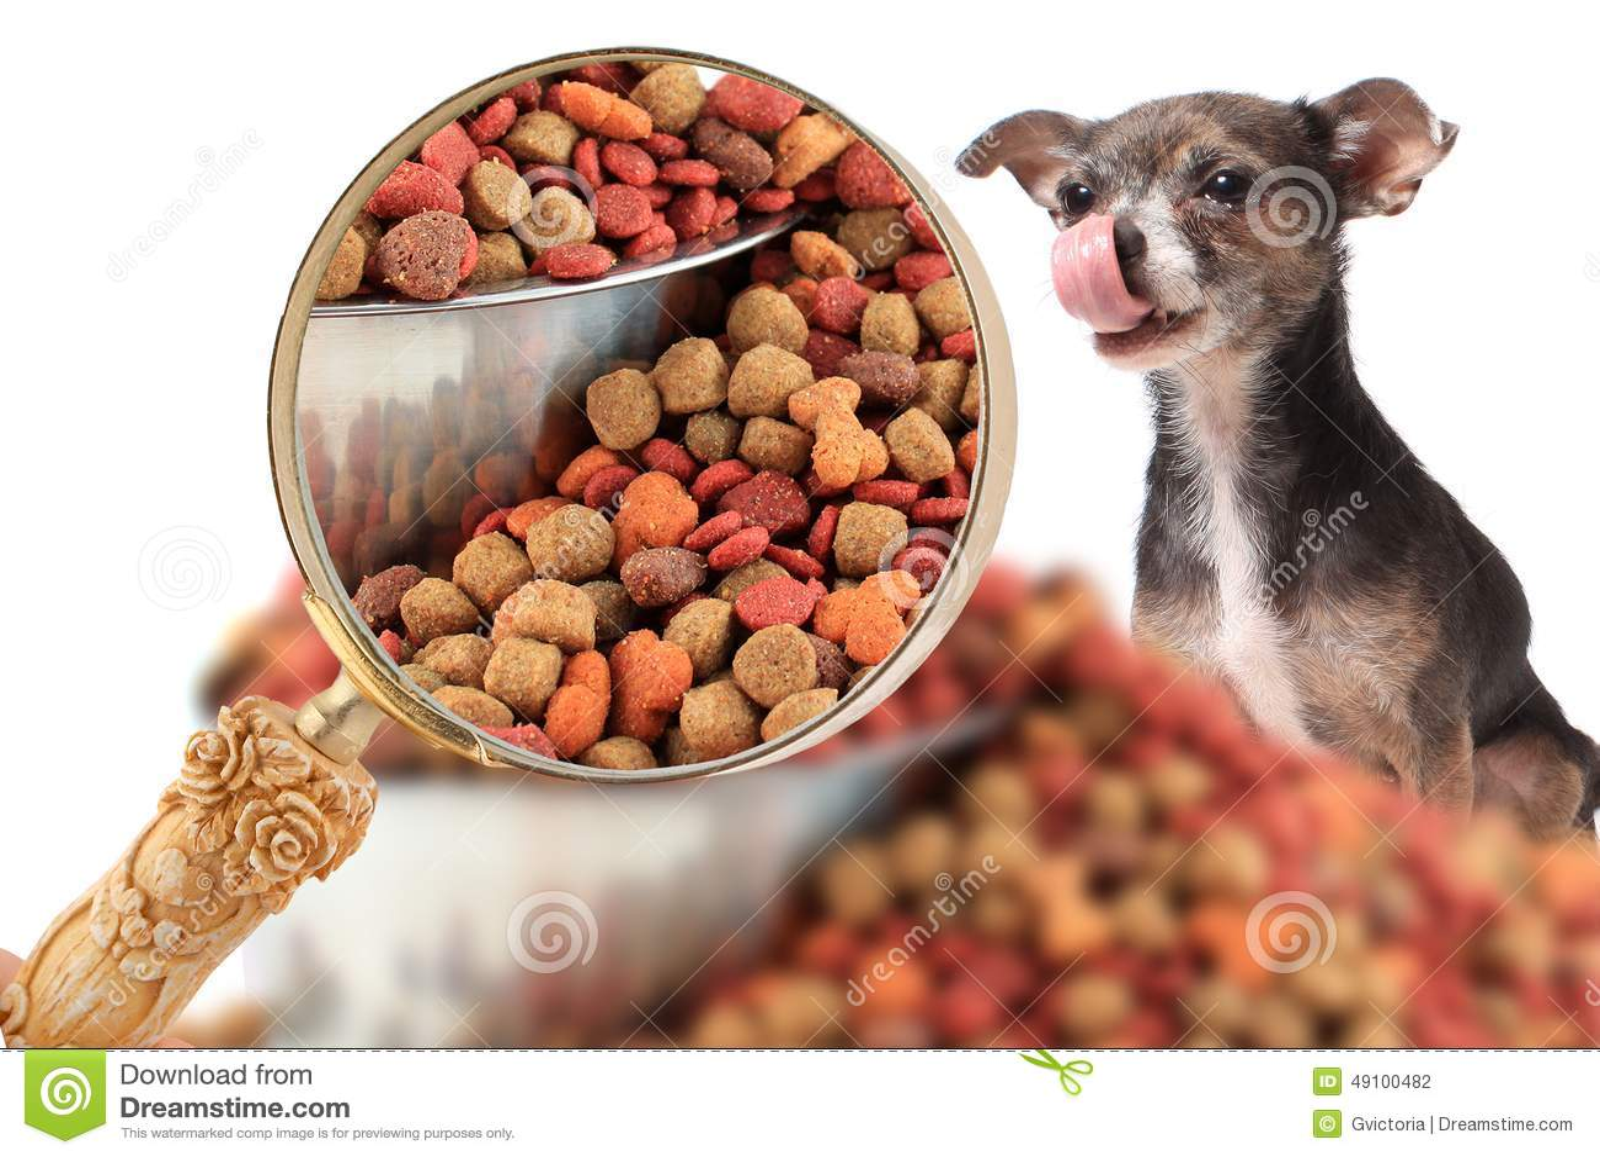 Magnigying in på hundnäring